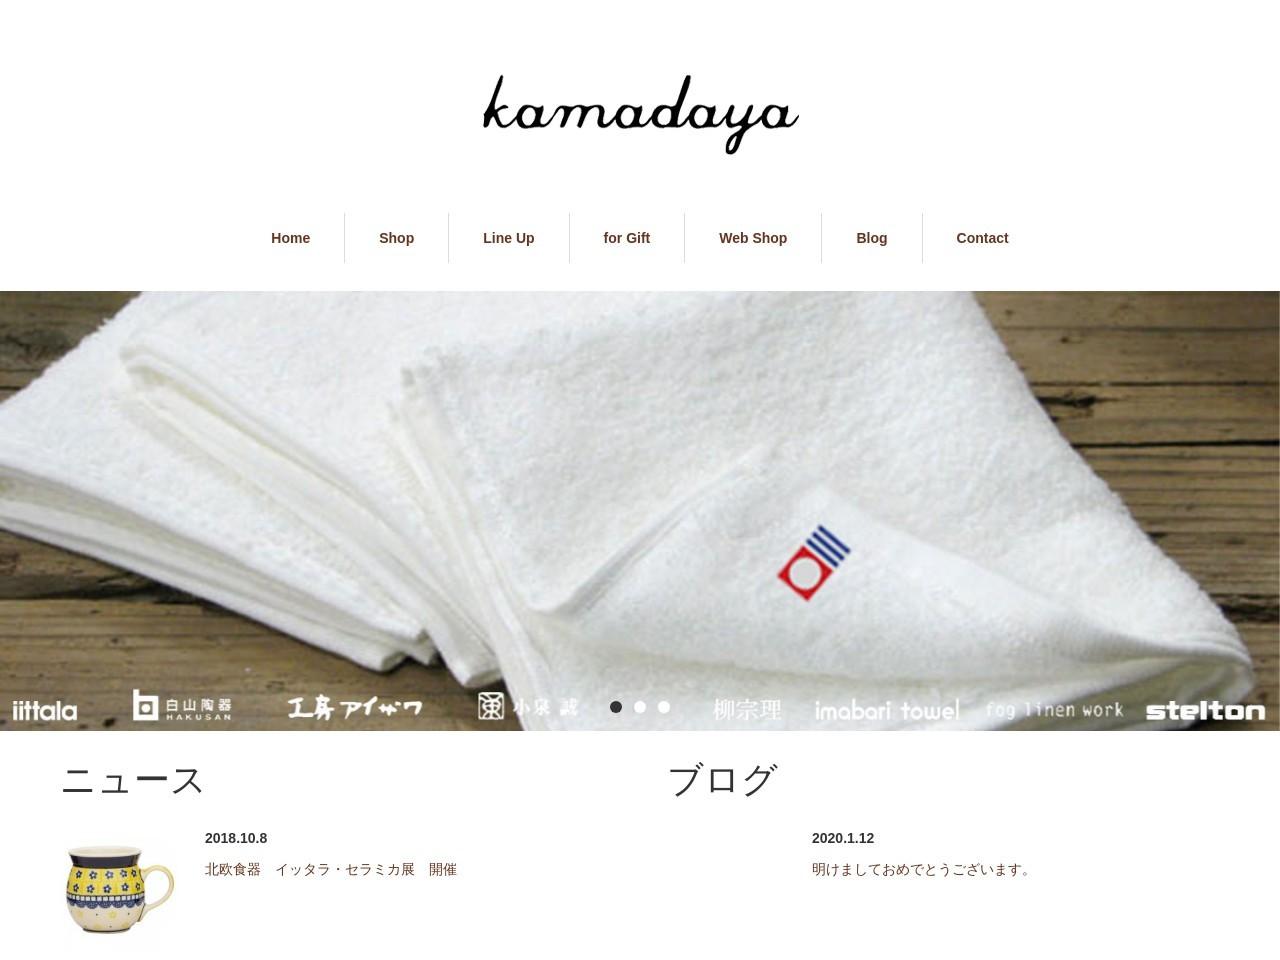 かまだや|kamadaya|岡山県美作市にある、永く愛される日用食器と雑貨の店です。 | Just another WordPress site